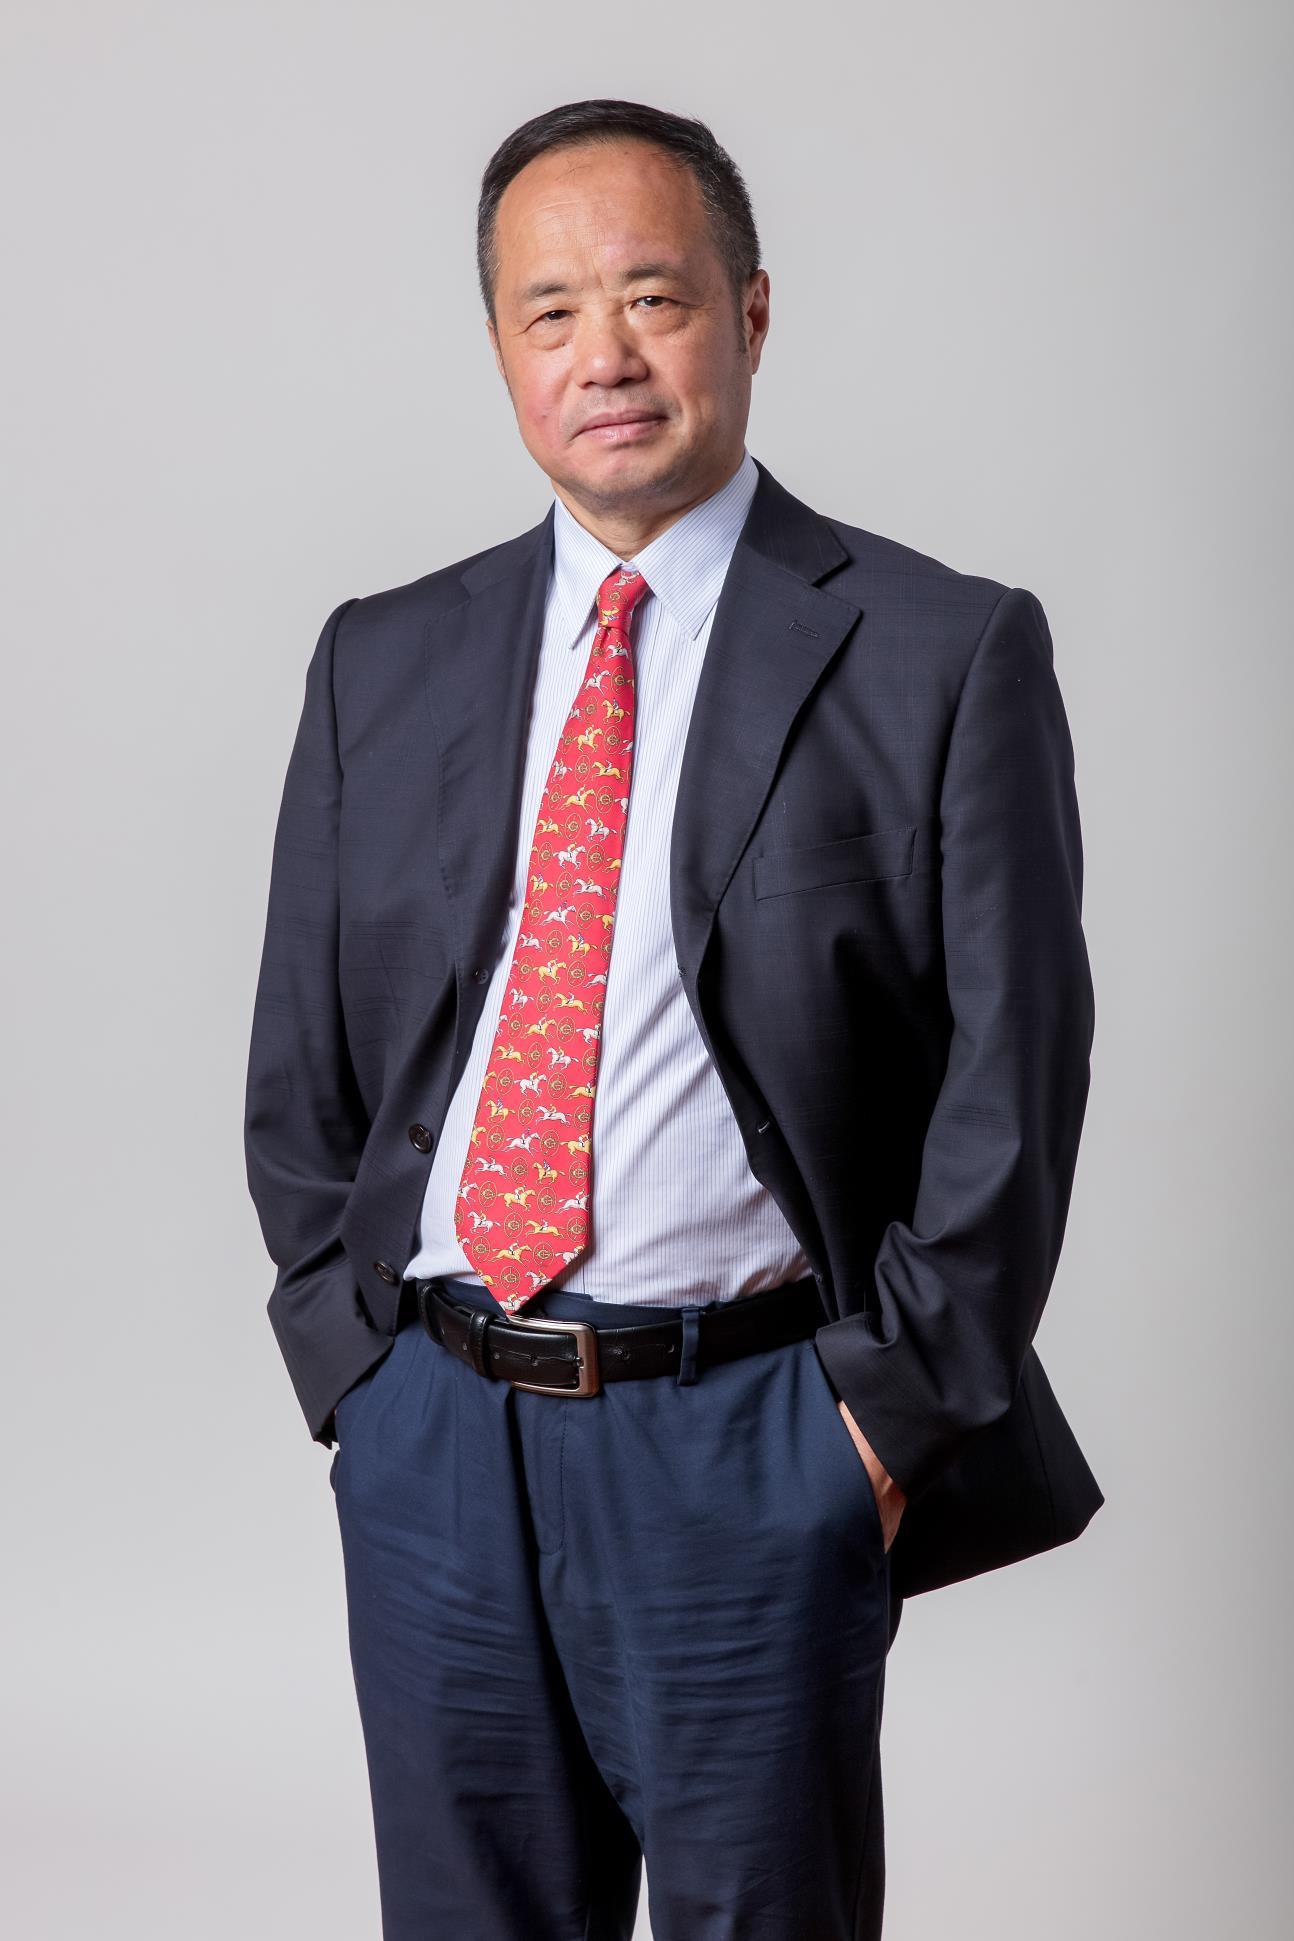 王利明:民法典是市场经济基本法 最大亮点是人格权编图片